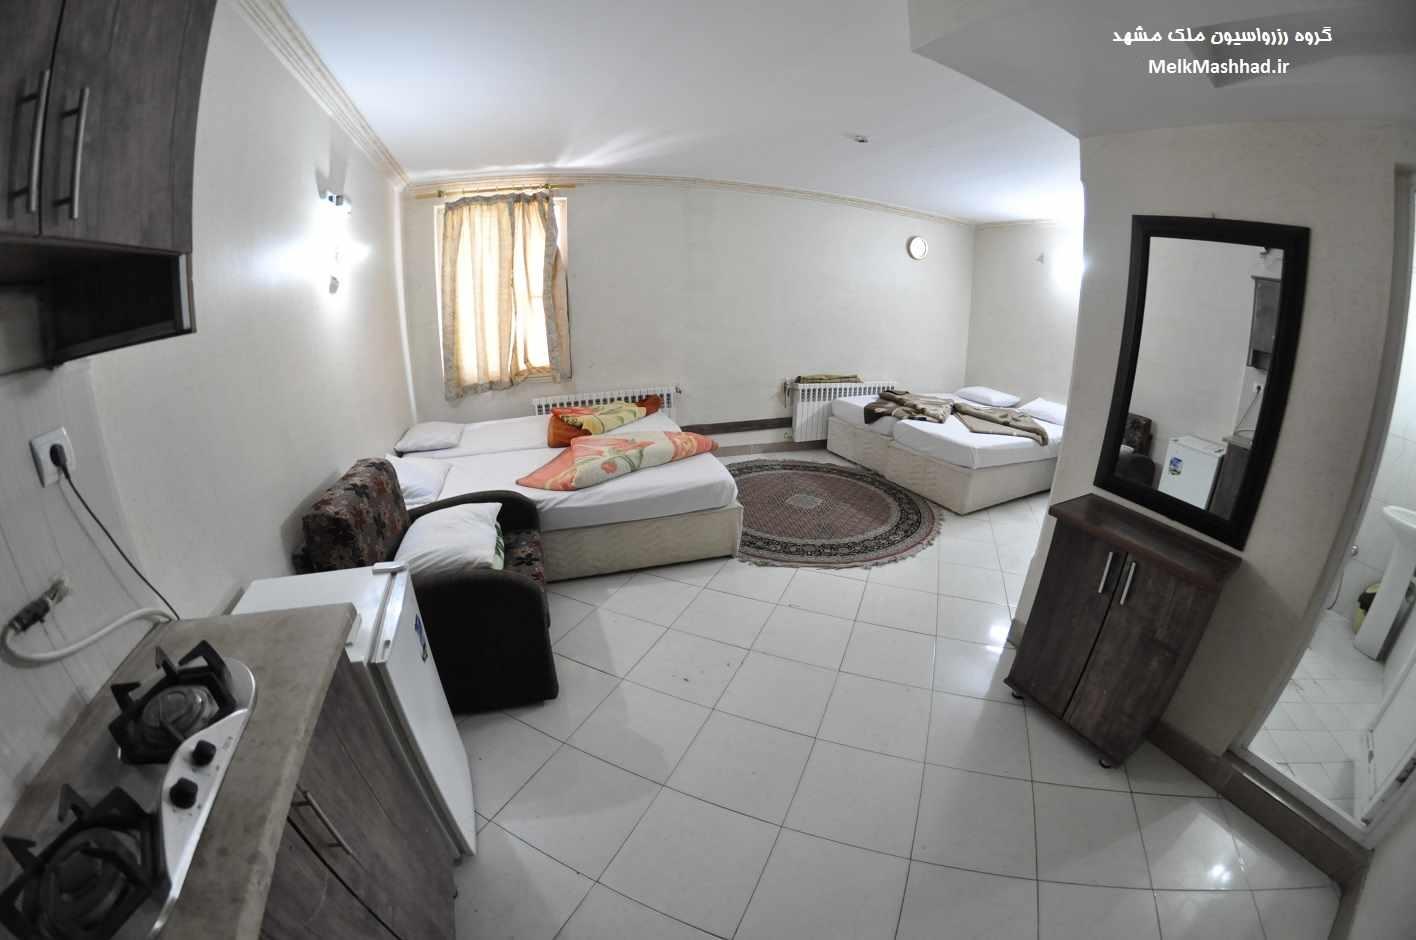 قیمت اجاره هتل آپارتمان در مشهد